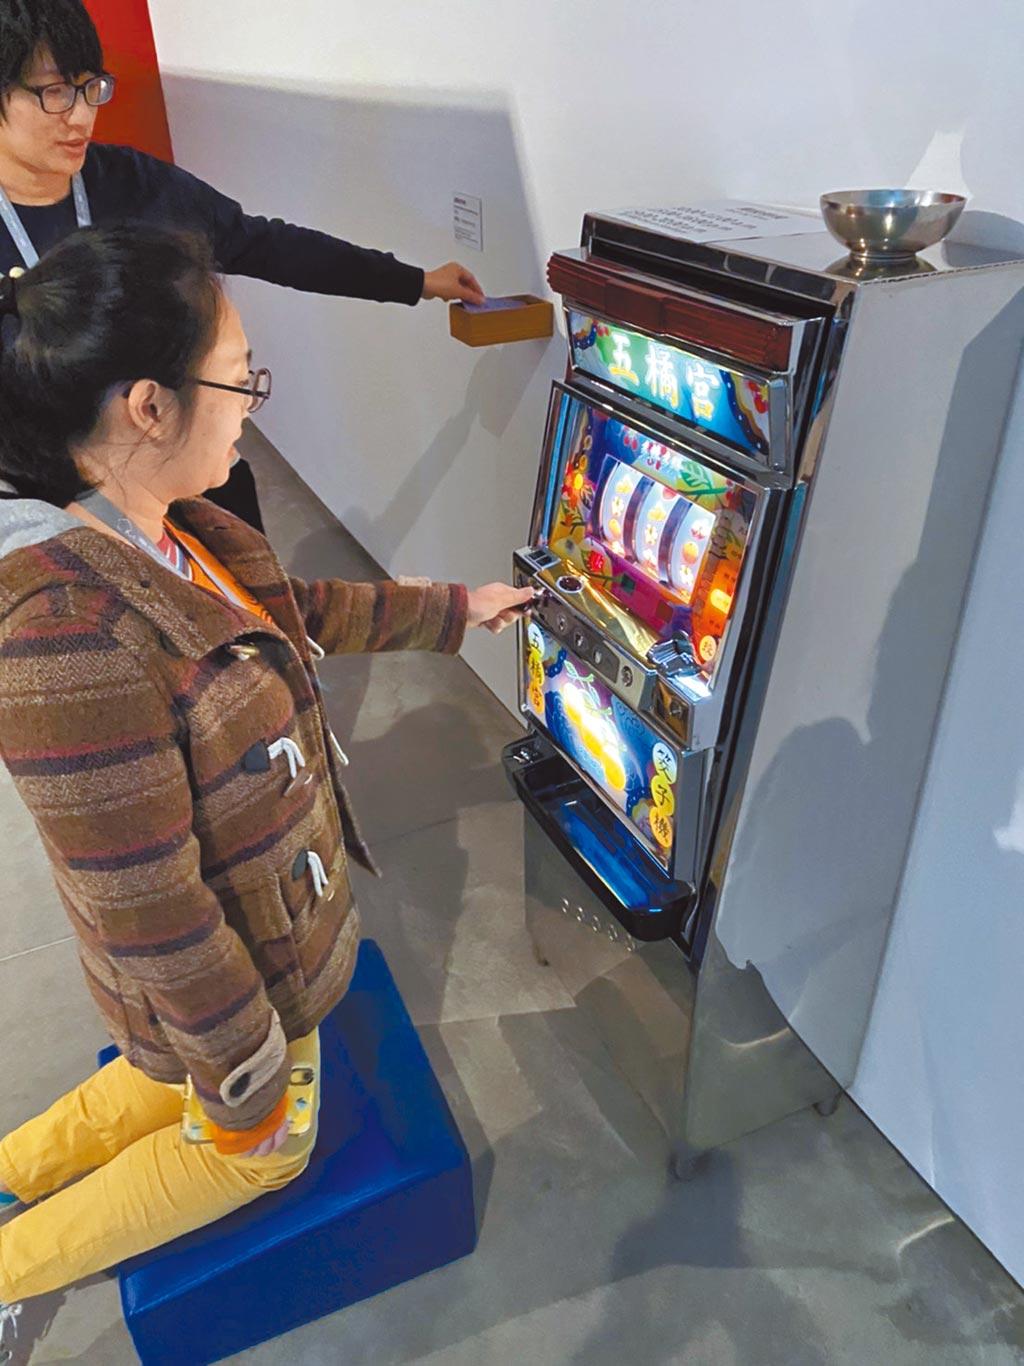 黃舜廷〈五橘宮筊子機〉將賭博的角子機和擲筊意象結合。(南美館提供)